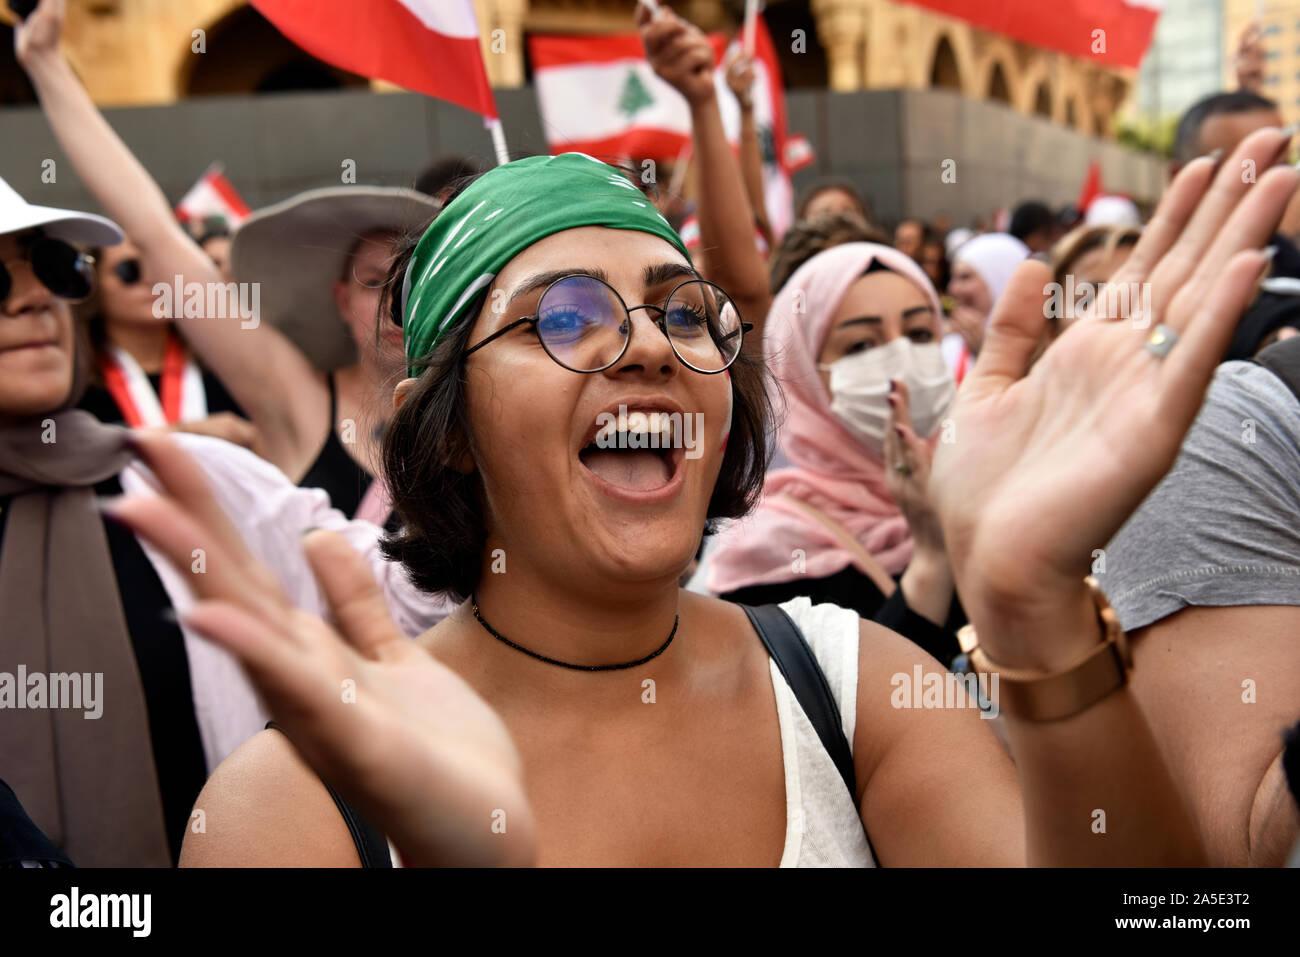 Joven libanesa unida a sus conciudadanos durante las protestas contra el gobierno, el centro de Beirut, Líbano. 19 de octubre de 2019 Foto de stock